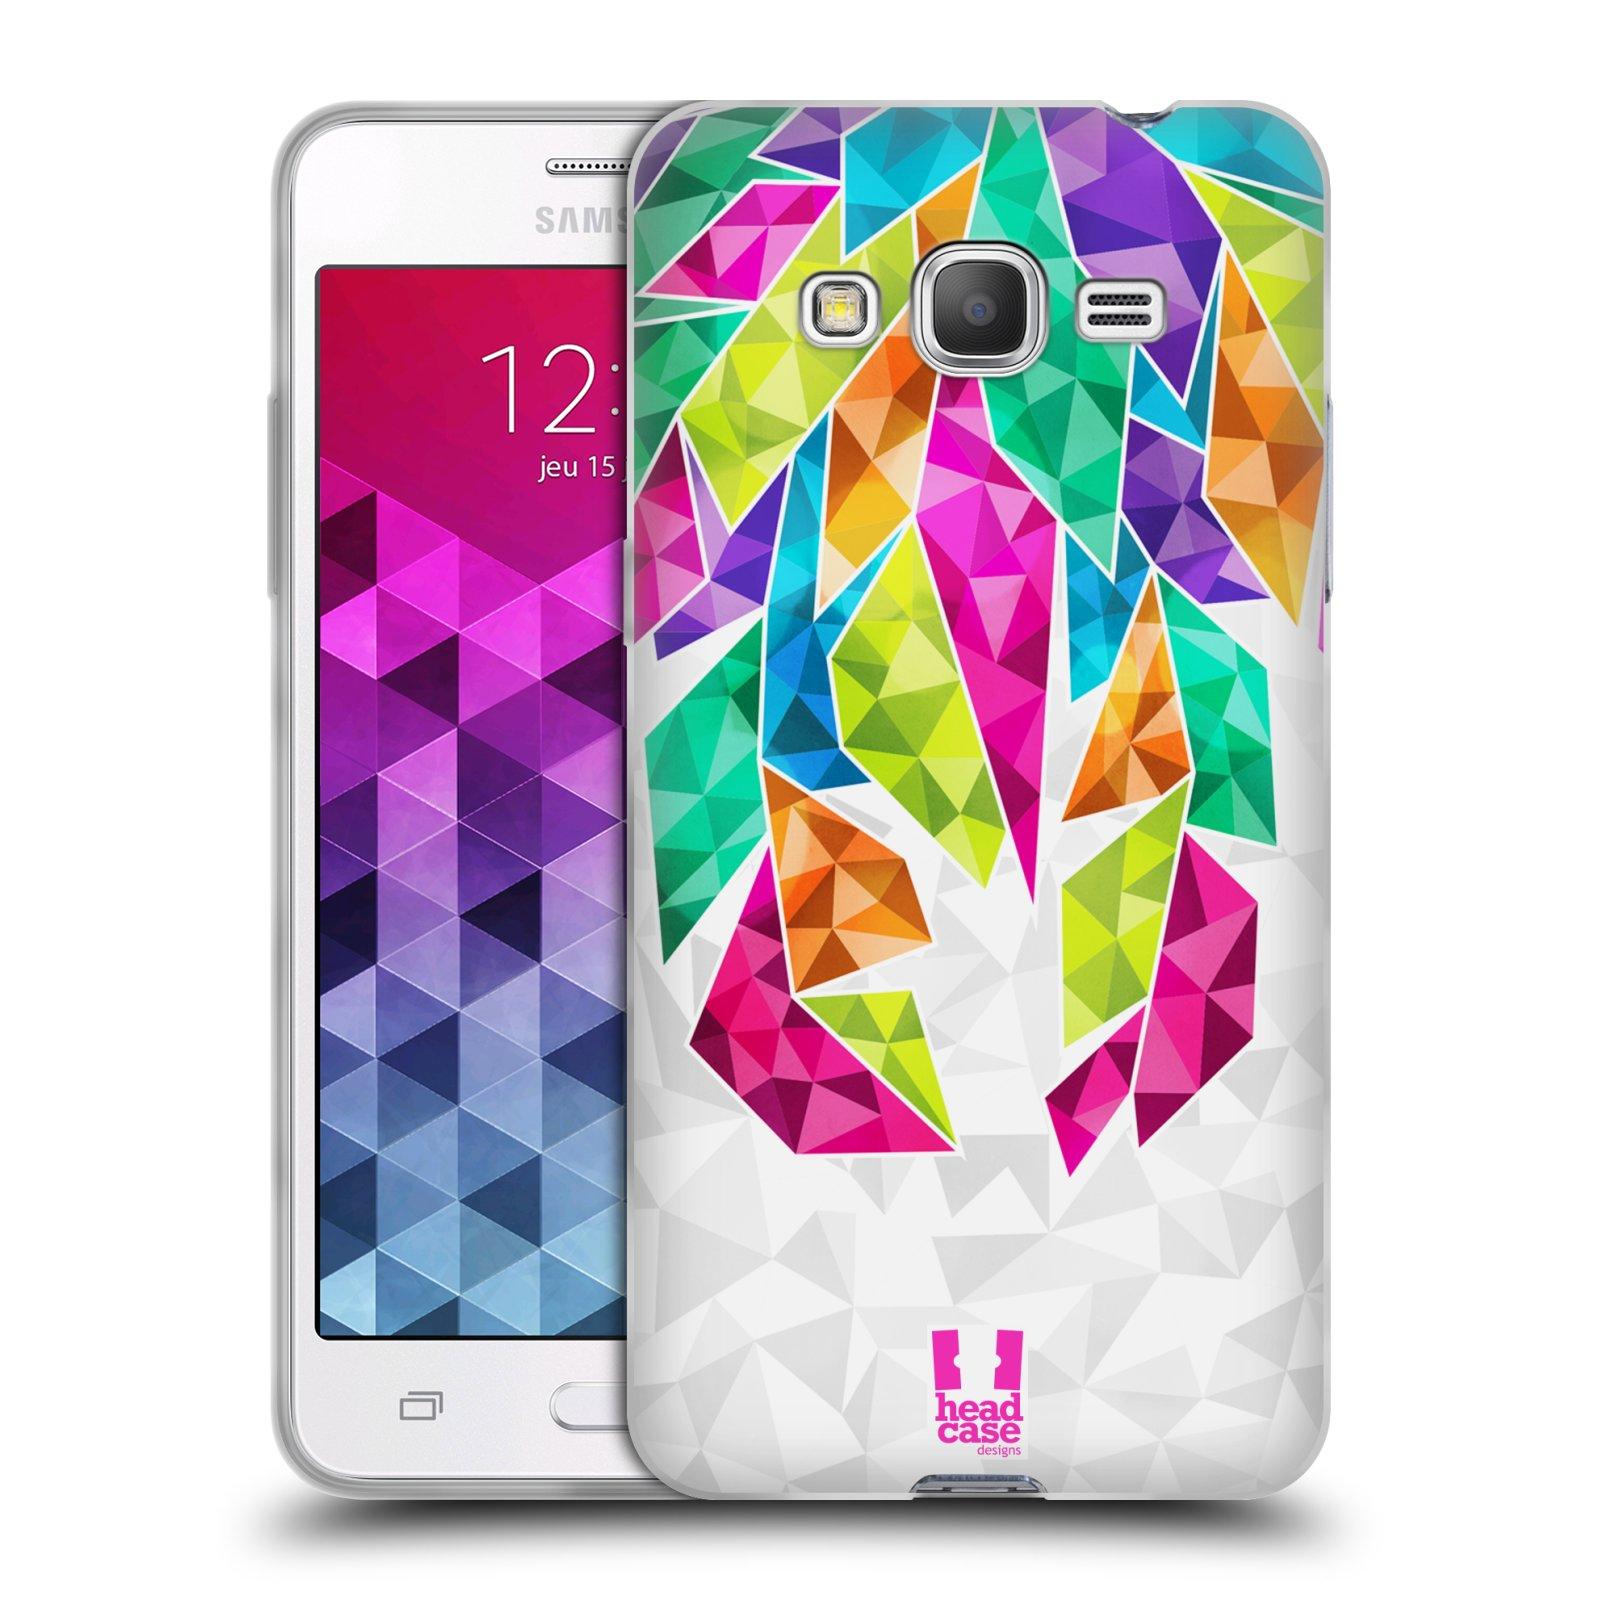 Silikonové pouzdro na mobil Samsung Galaxy Grand Prime HEAD CASE PÍRKA TICKLE